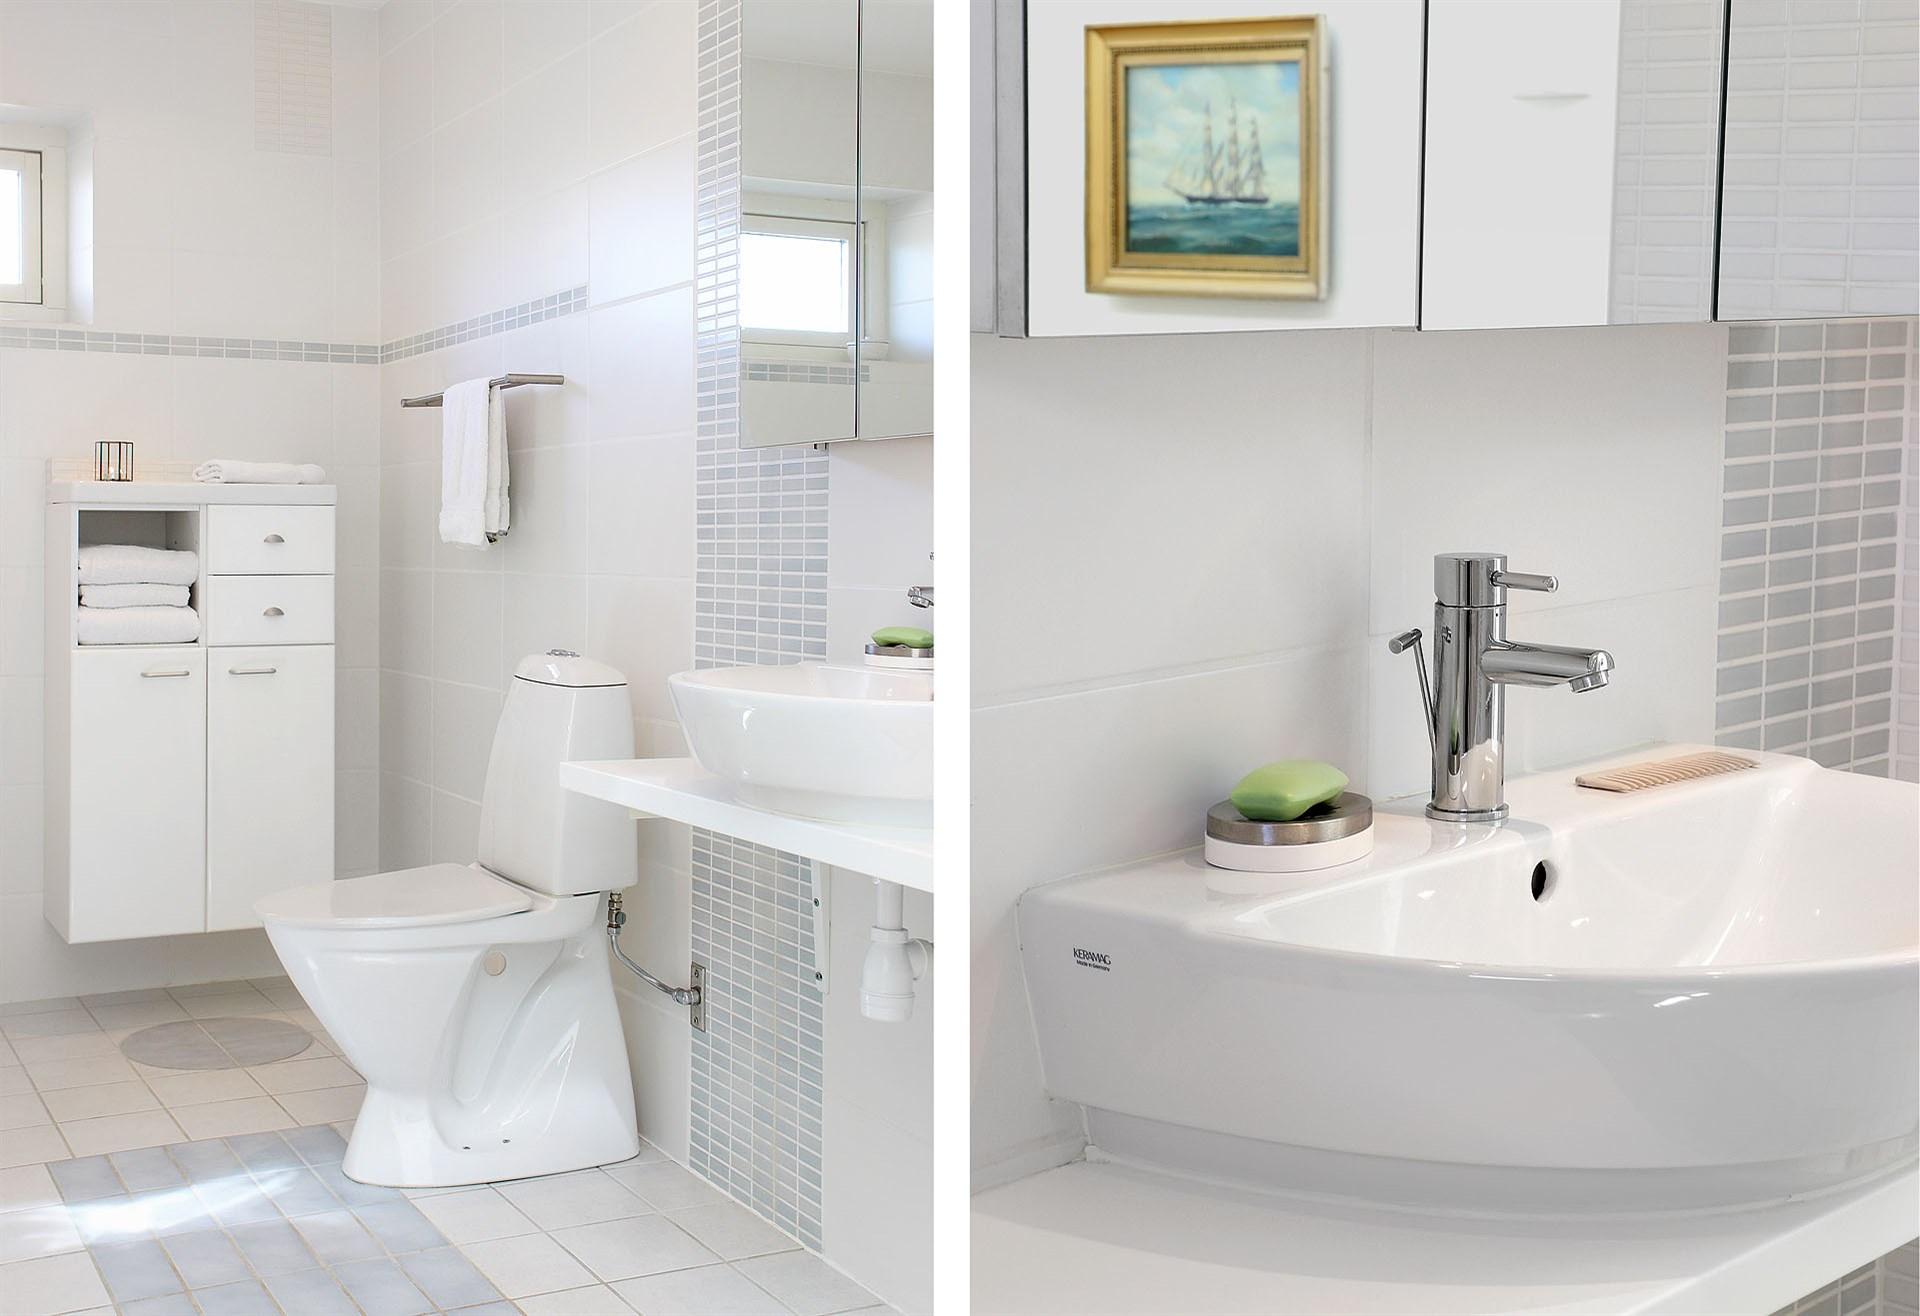 Badrum med både hörnbadkar och dusch